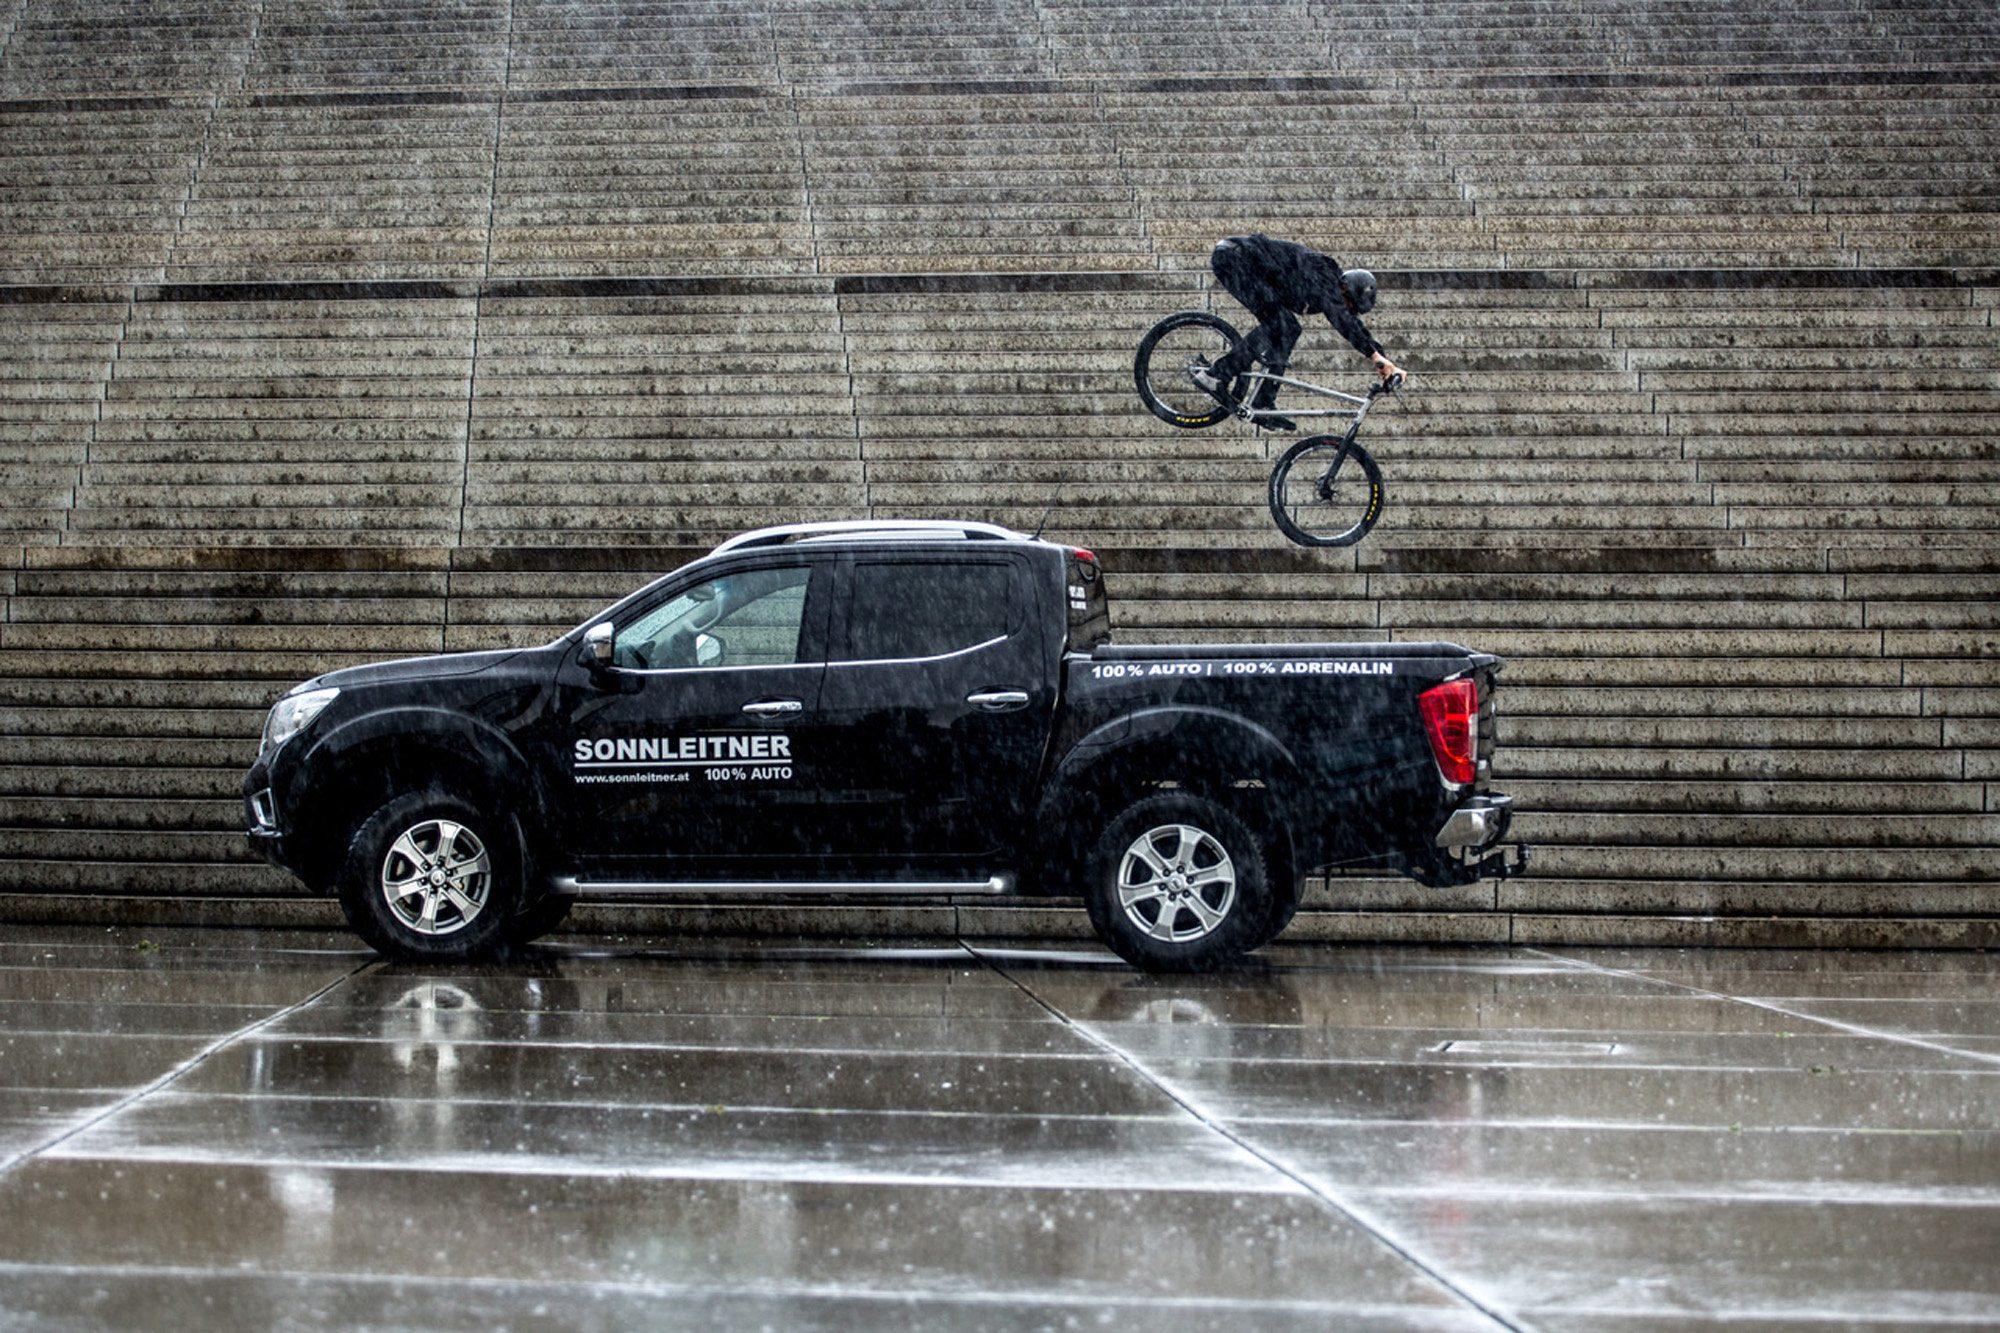 Dominik Raab im Regen und davor befindet sich ein Nissan